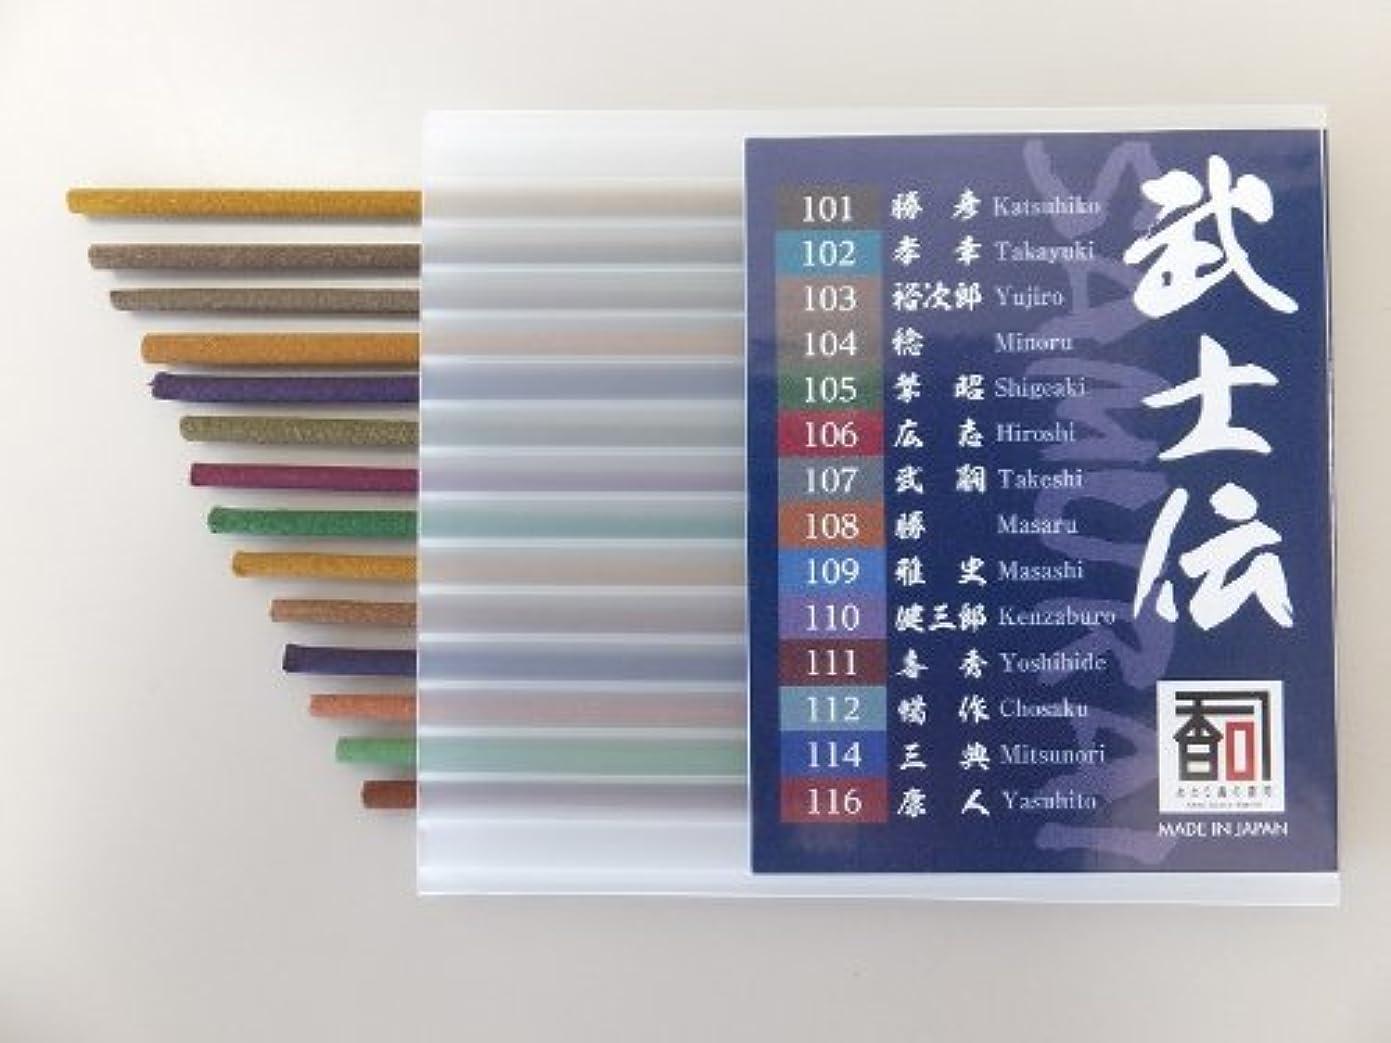 よりうま計算「あわじ島の香司」 日本の香りシリーズ 【武士伝】 14本セット ◆経済産業大臣賞◆